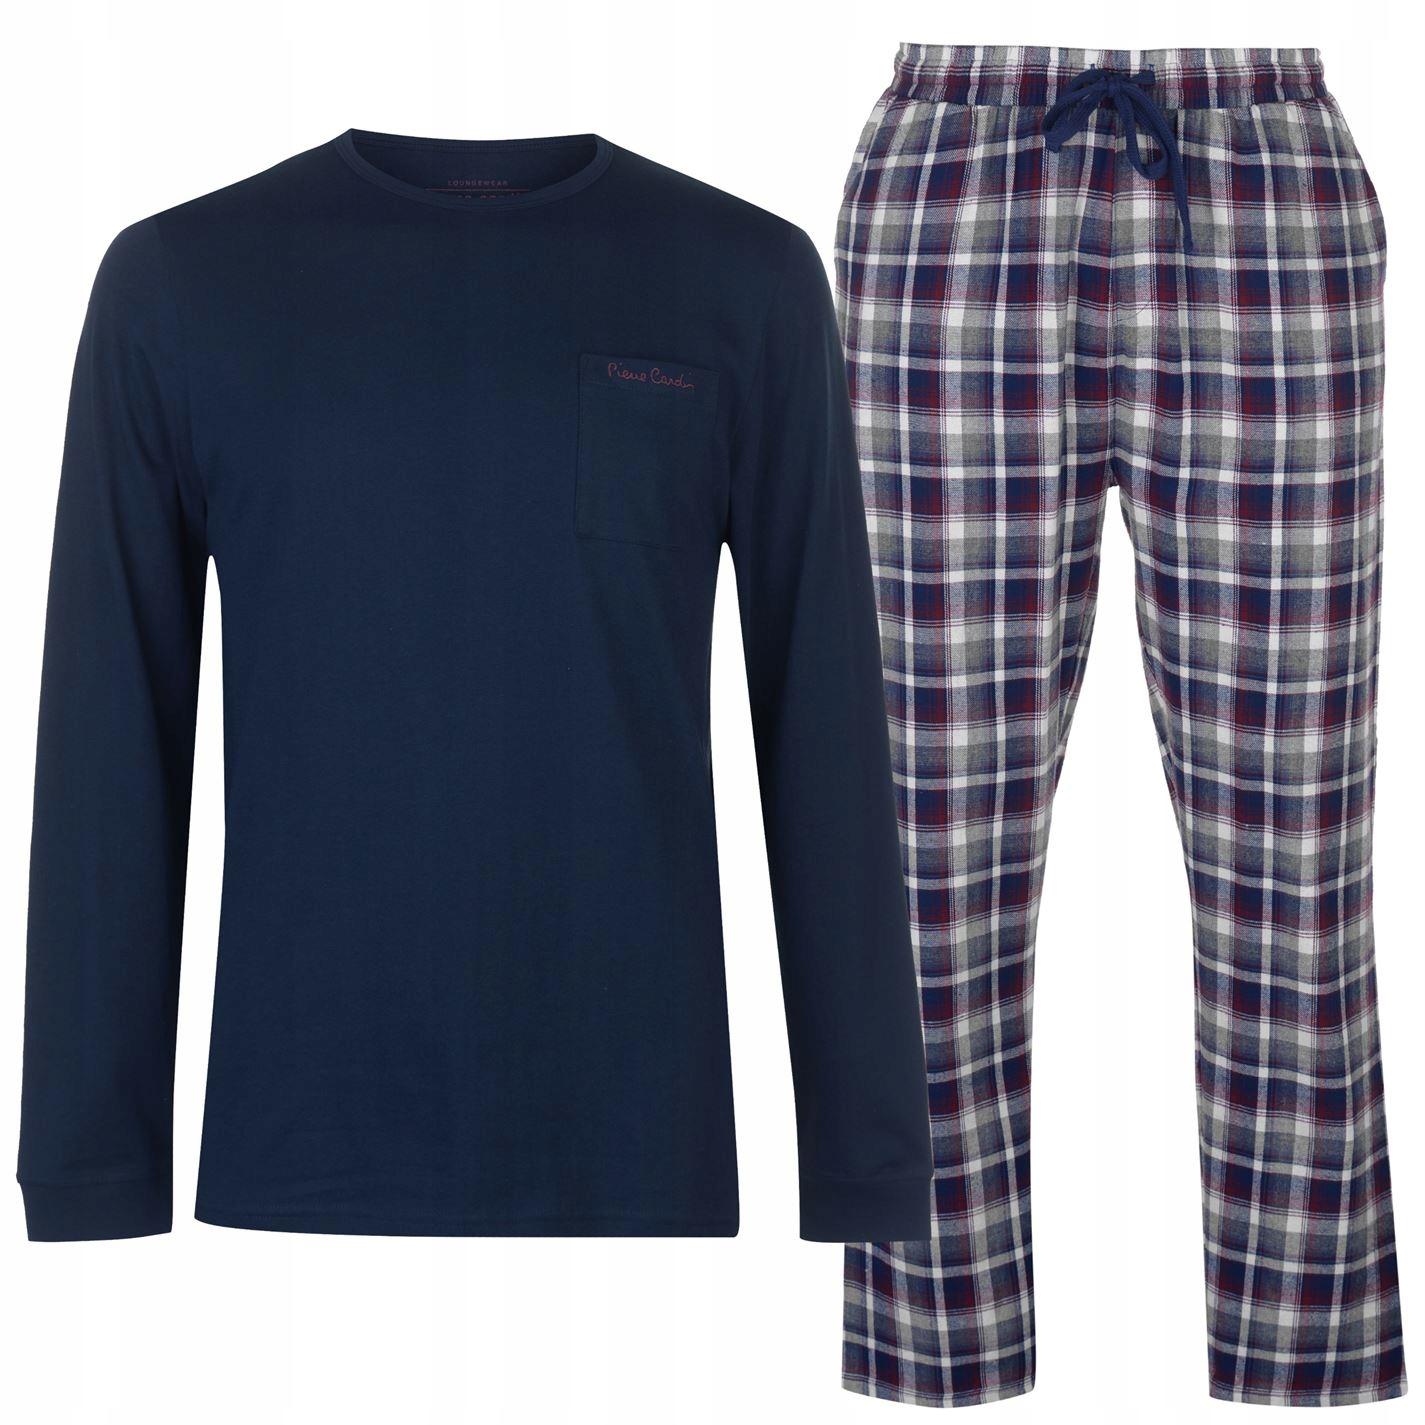 Piżama PIERRE CARDIN spodnie koszulka Tu XXL